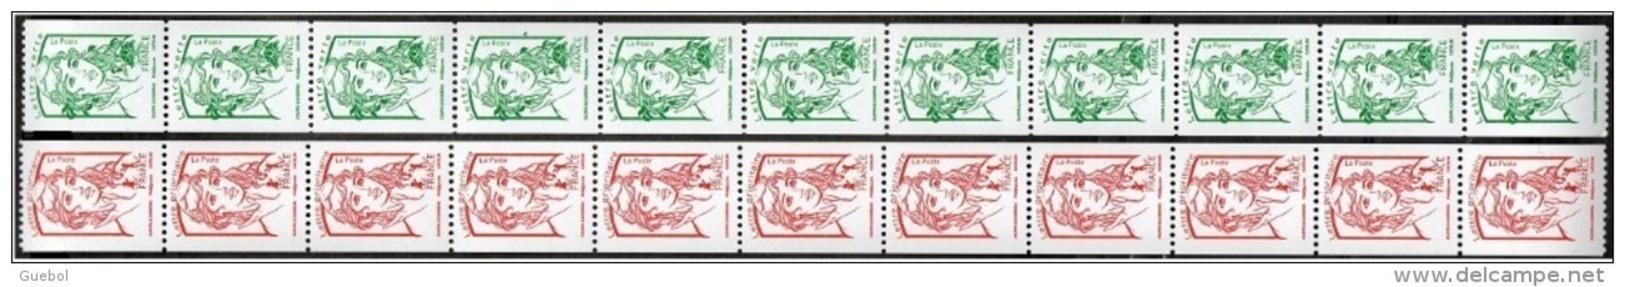 France Roulette N°  116 Et 117 ** Ou 5017 Et 5018 X 11 - Marianne De Ciappa Et Kawena Rouge Et Verte (sans Les Poids) - Rollen